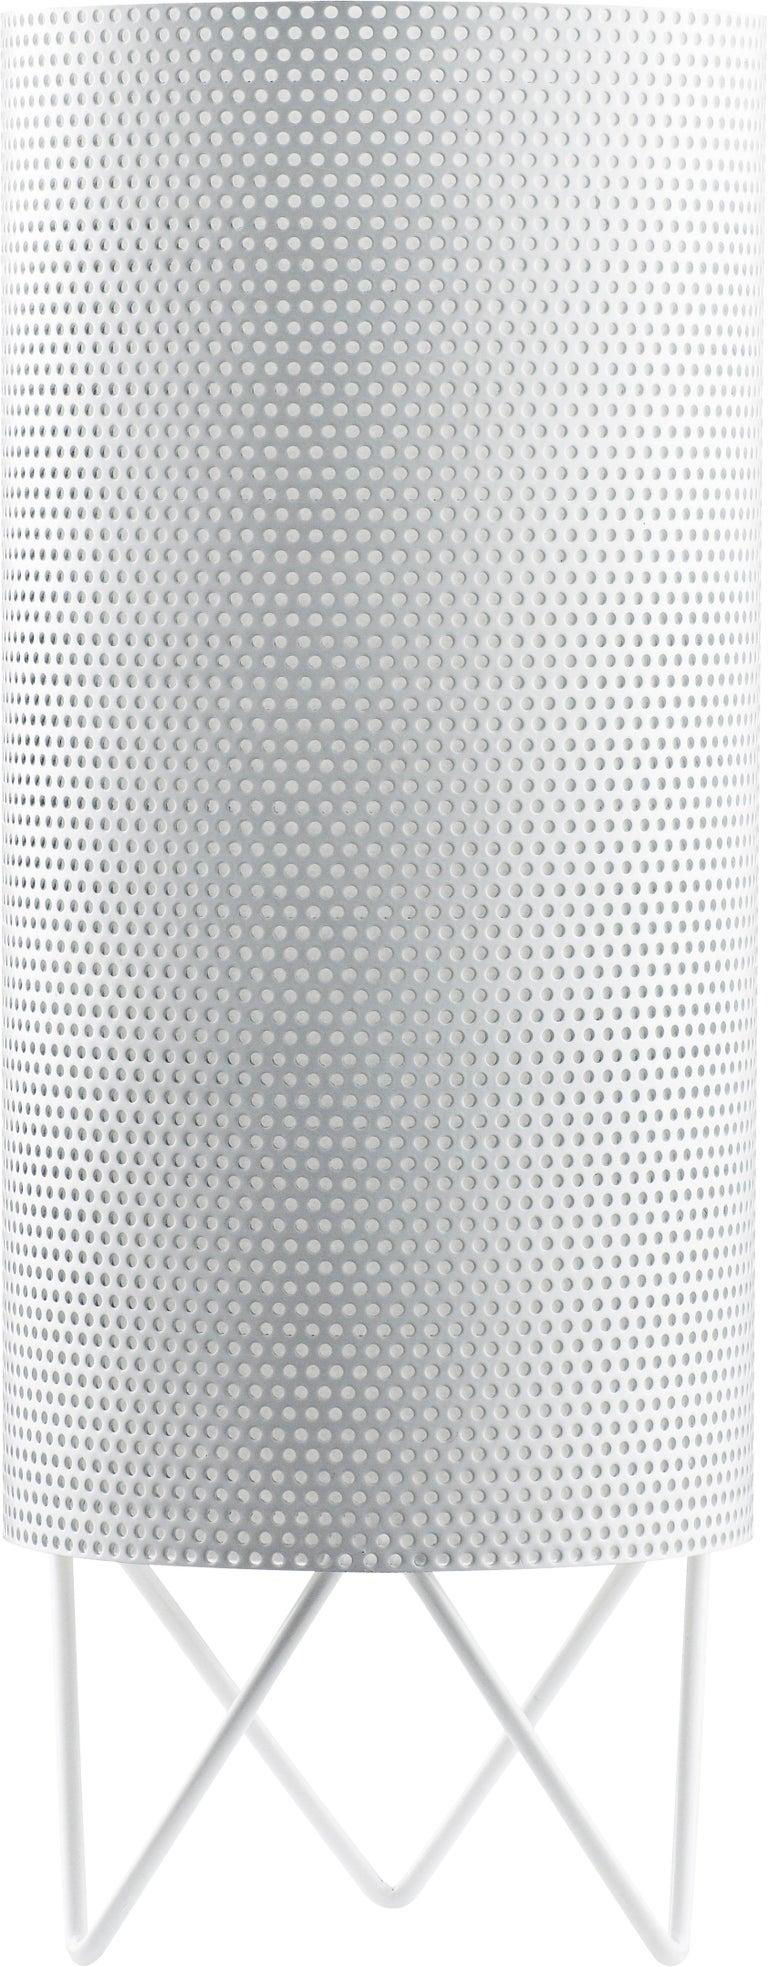 Spanish Barba Corsini 'H20' Table Lamp in Nickel For Sale